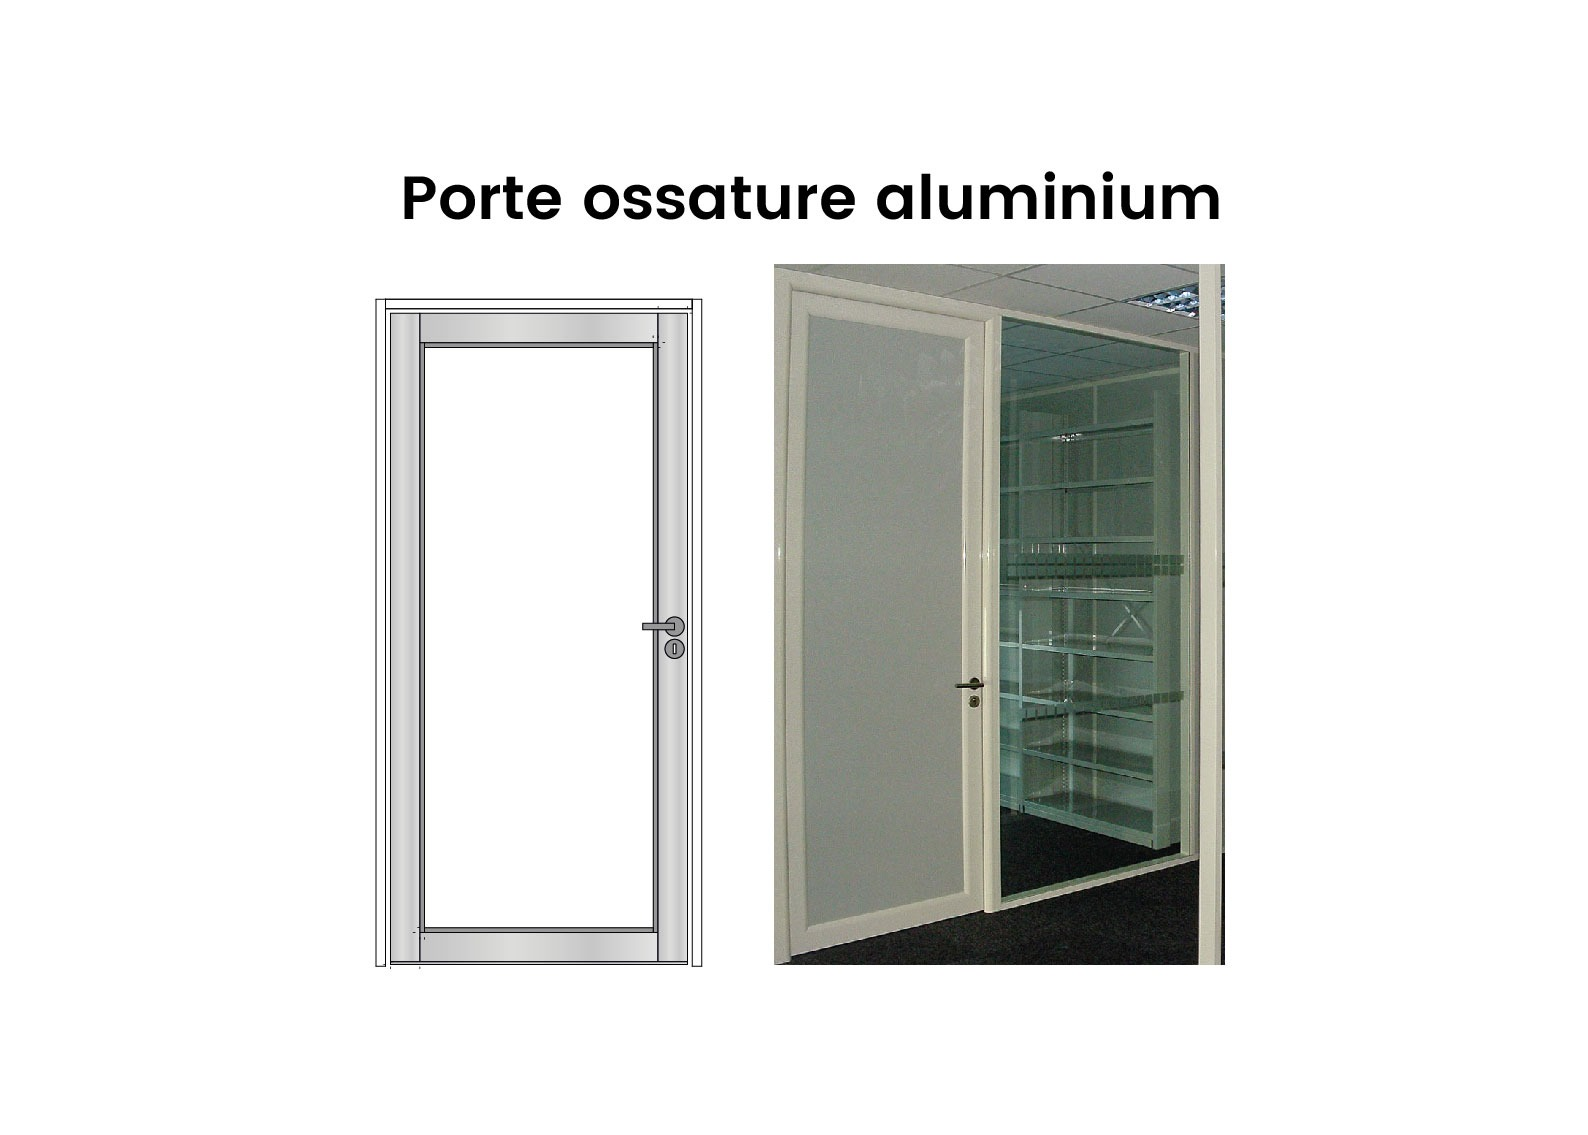 Porte Pleine Ossature Aluminium Langlois Sobreti 01